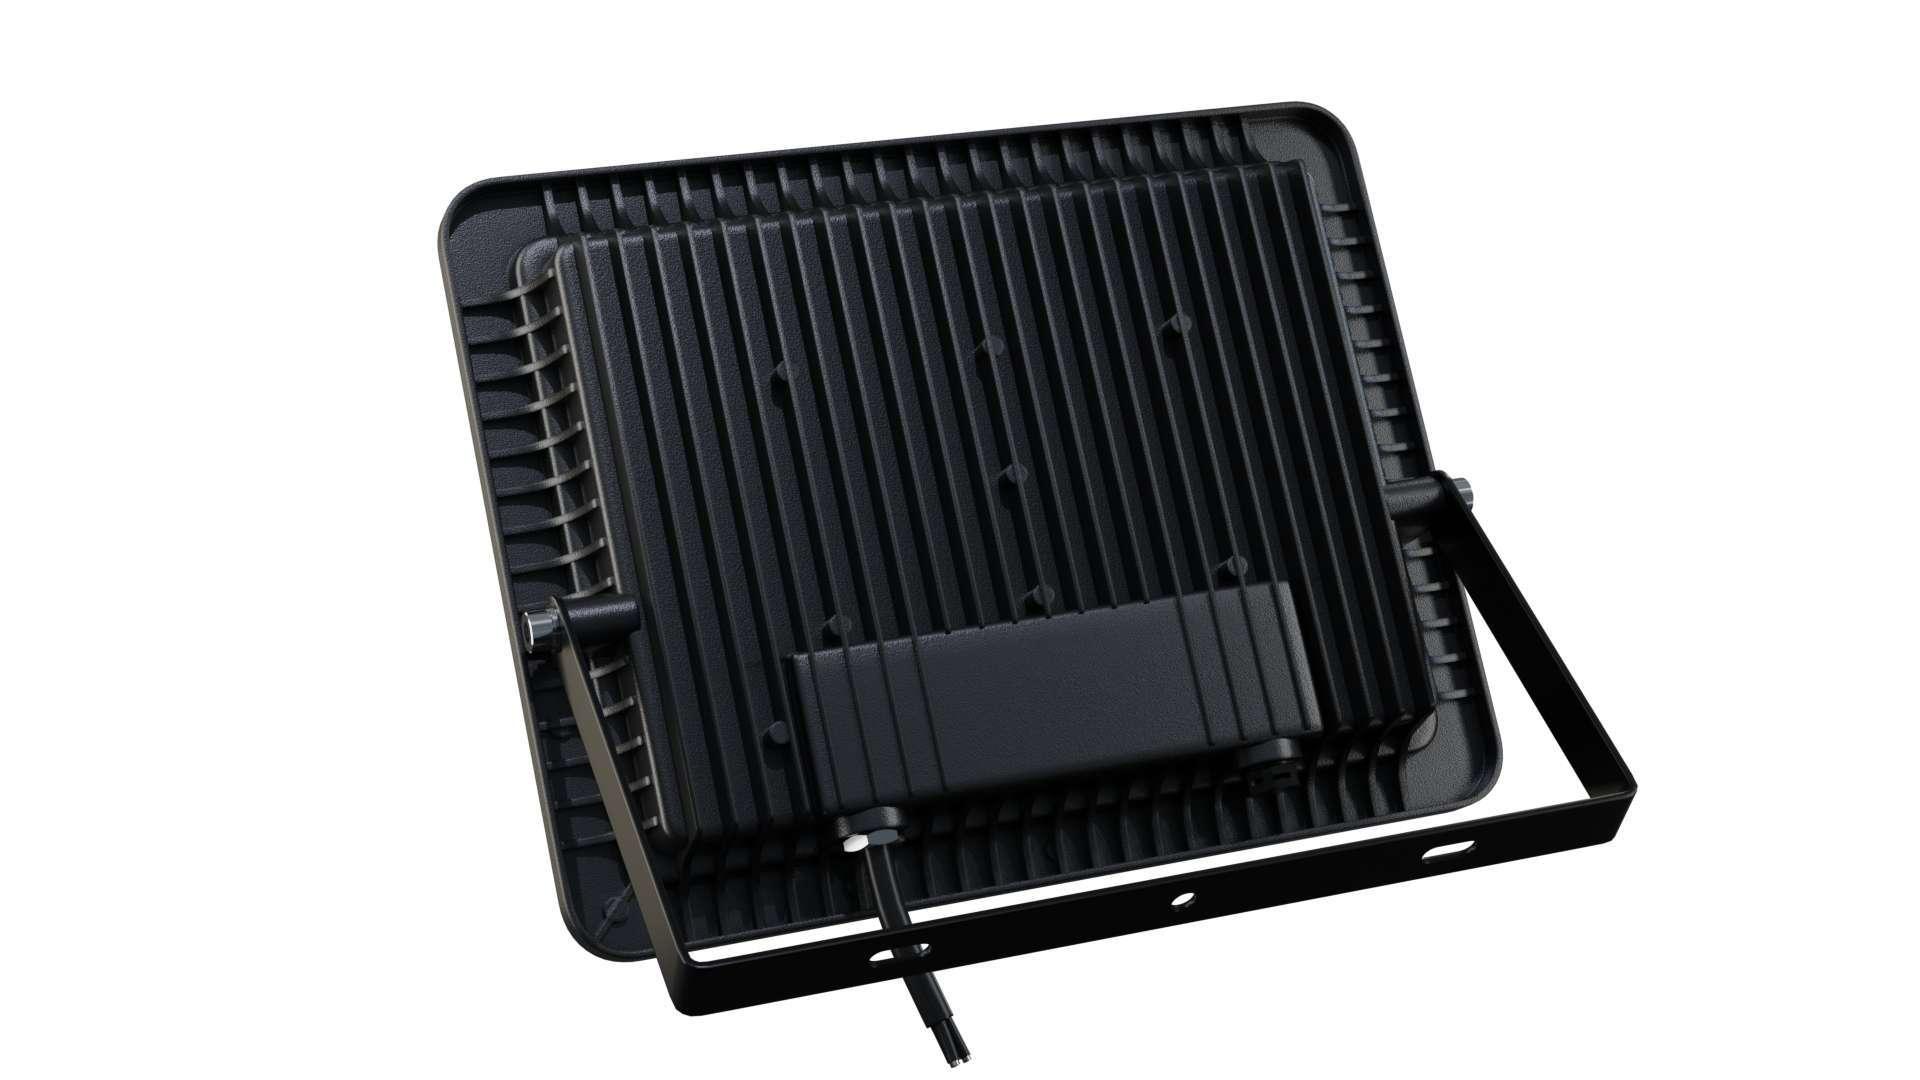 LED Floodligh 3Y 100W Neutral white SMD IP65 SLIM, black